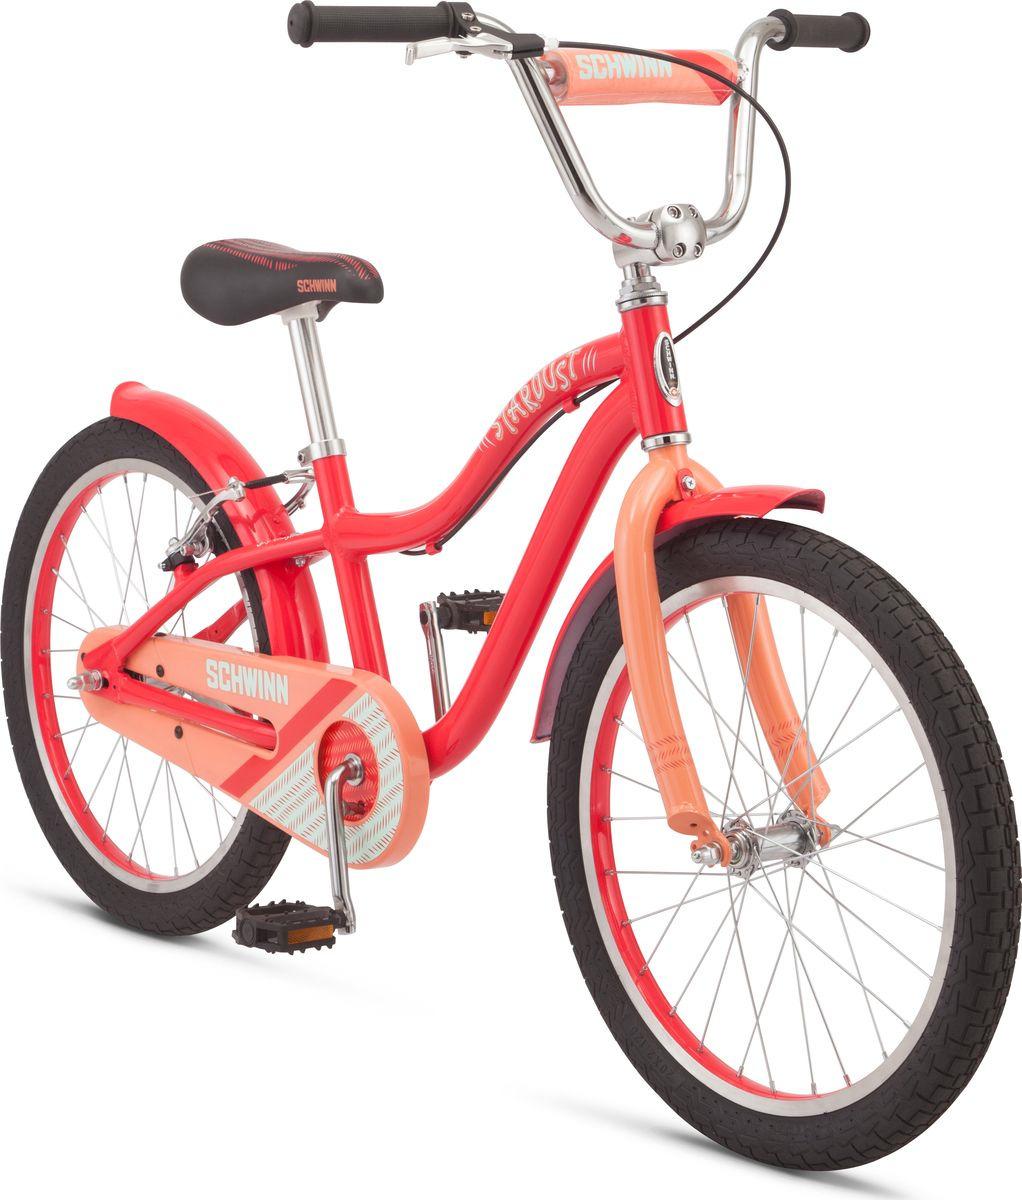 Велосипед детский Schwinn Stardust, колесо 20, красный цена